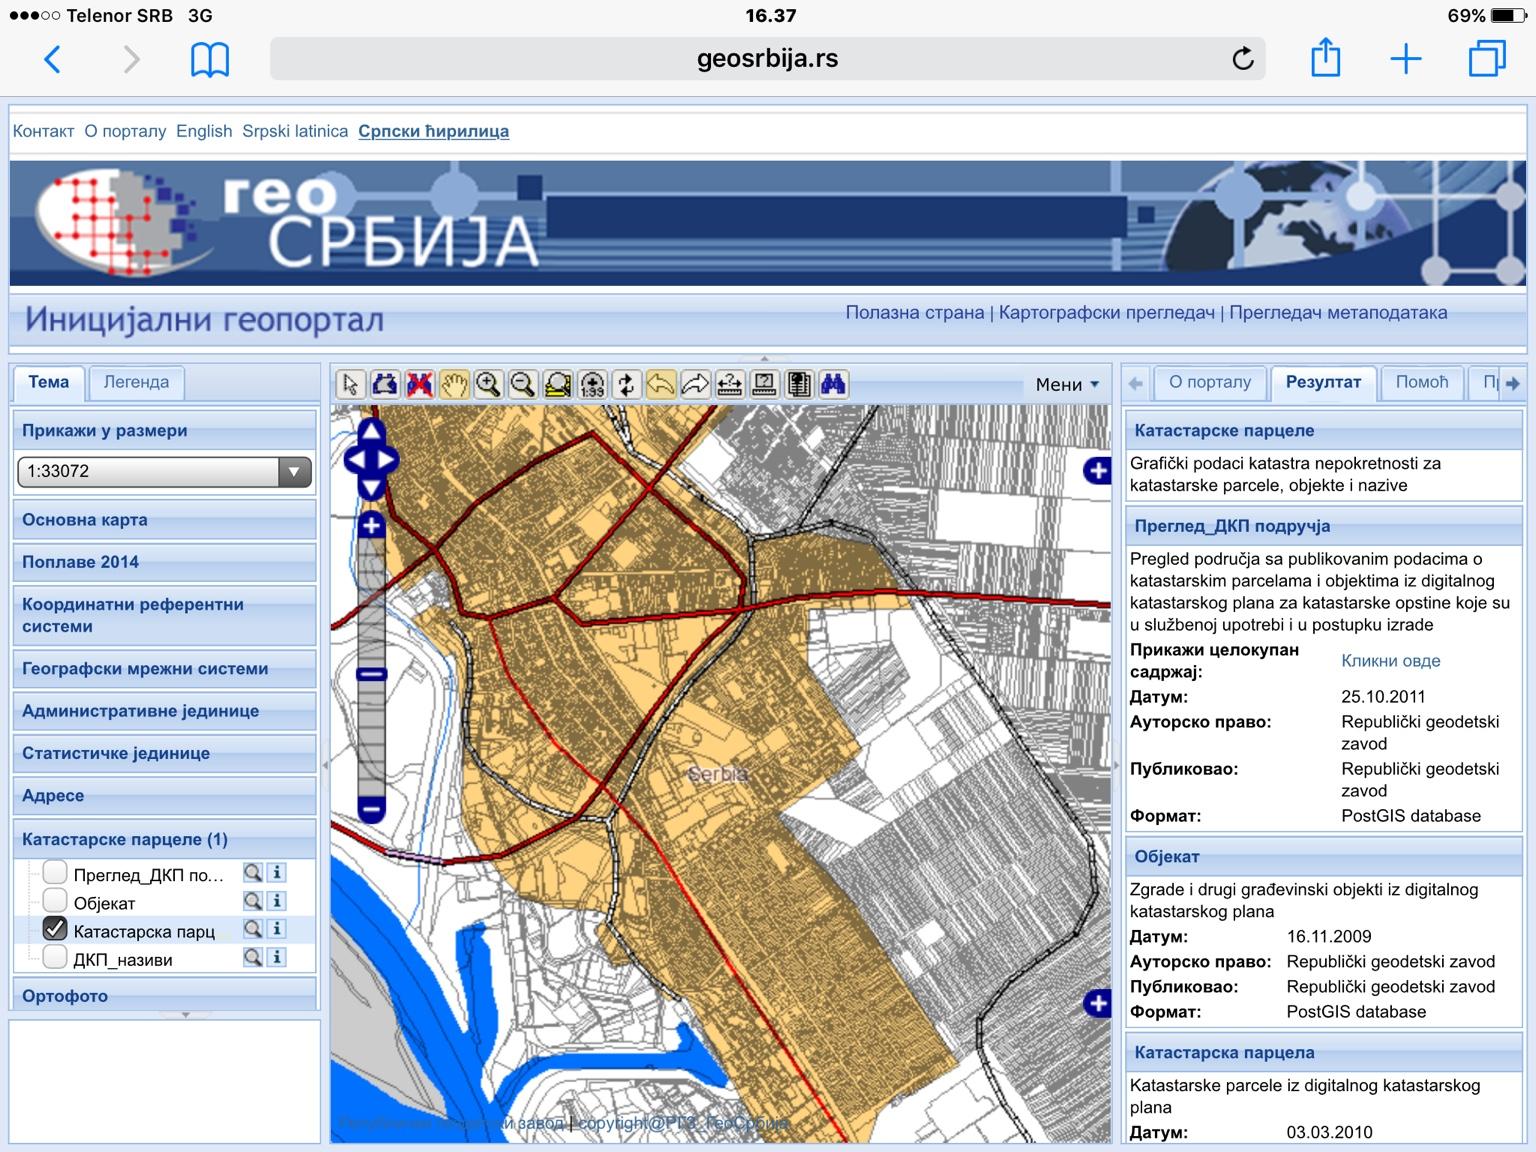 mapa katastarskih parcela srbija Precizno merenje parcela uz pomoć sajta Katastra nepokretnosti i  mapa katastarskih parcela srbija